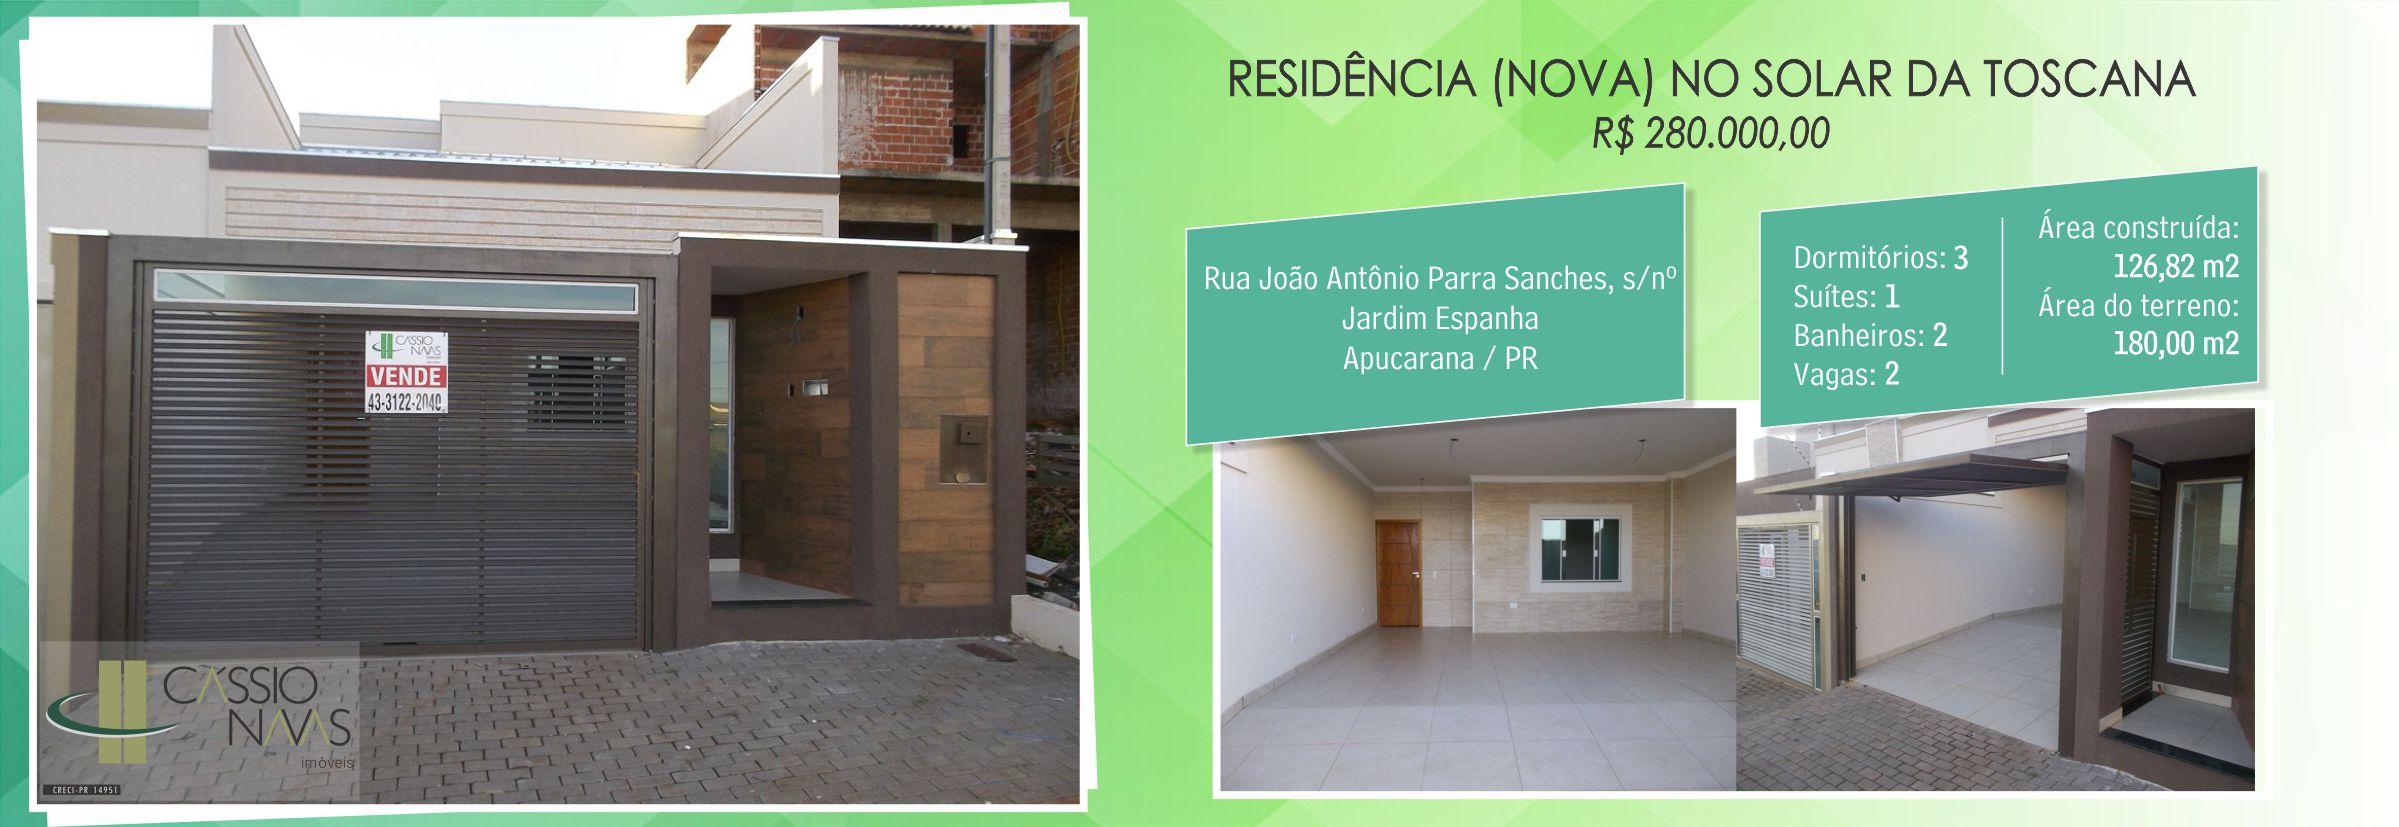 Residência (Nova) Jardim Espanha